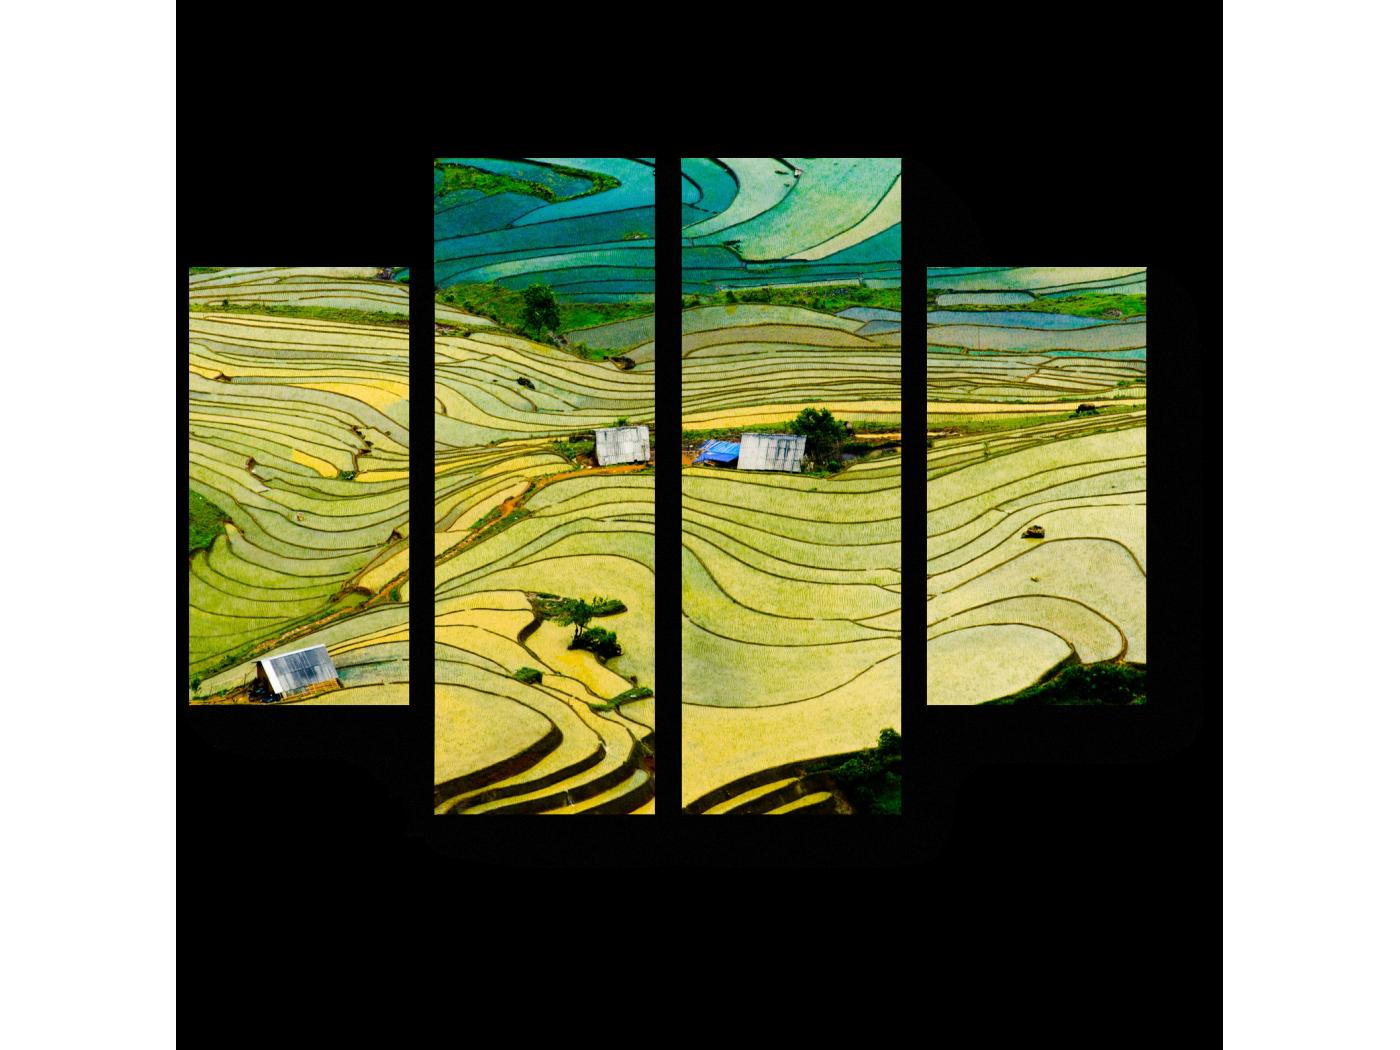 Модульная картина Рисовые поля в провинции Вьетнама (80x60) фото